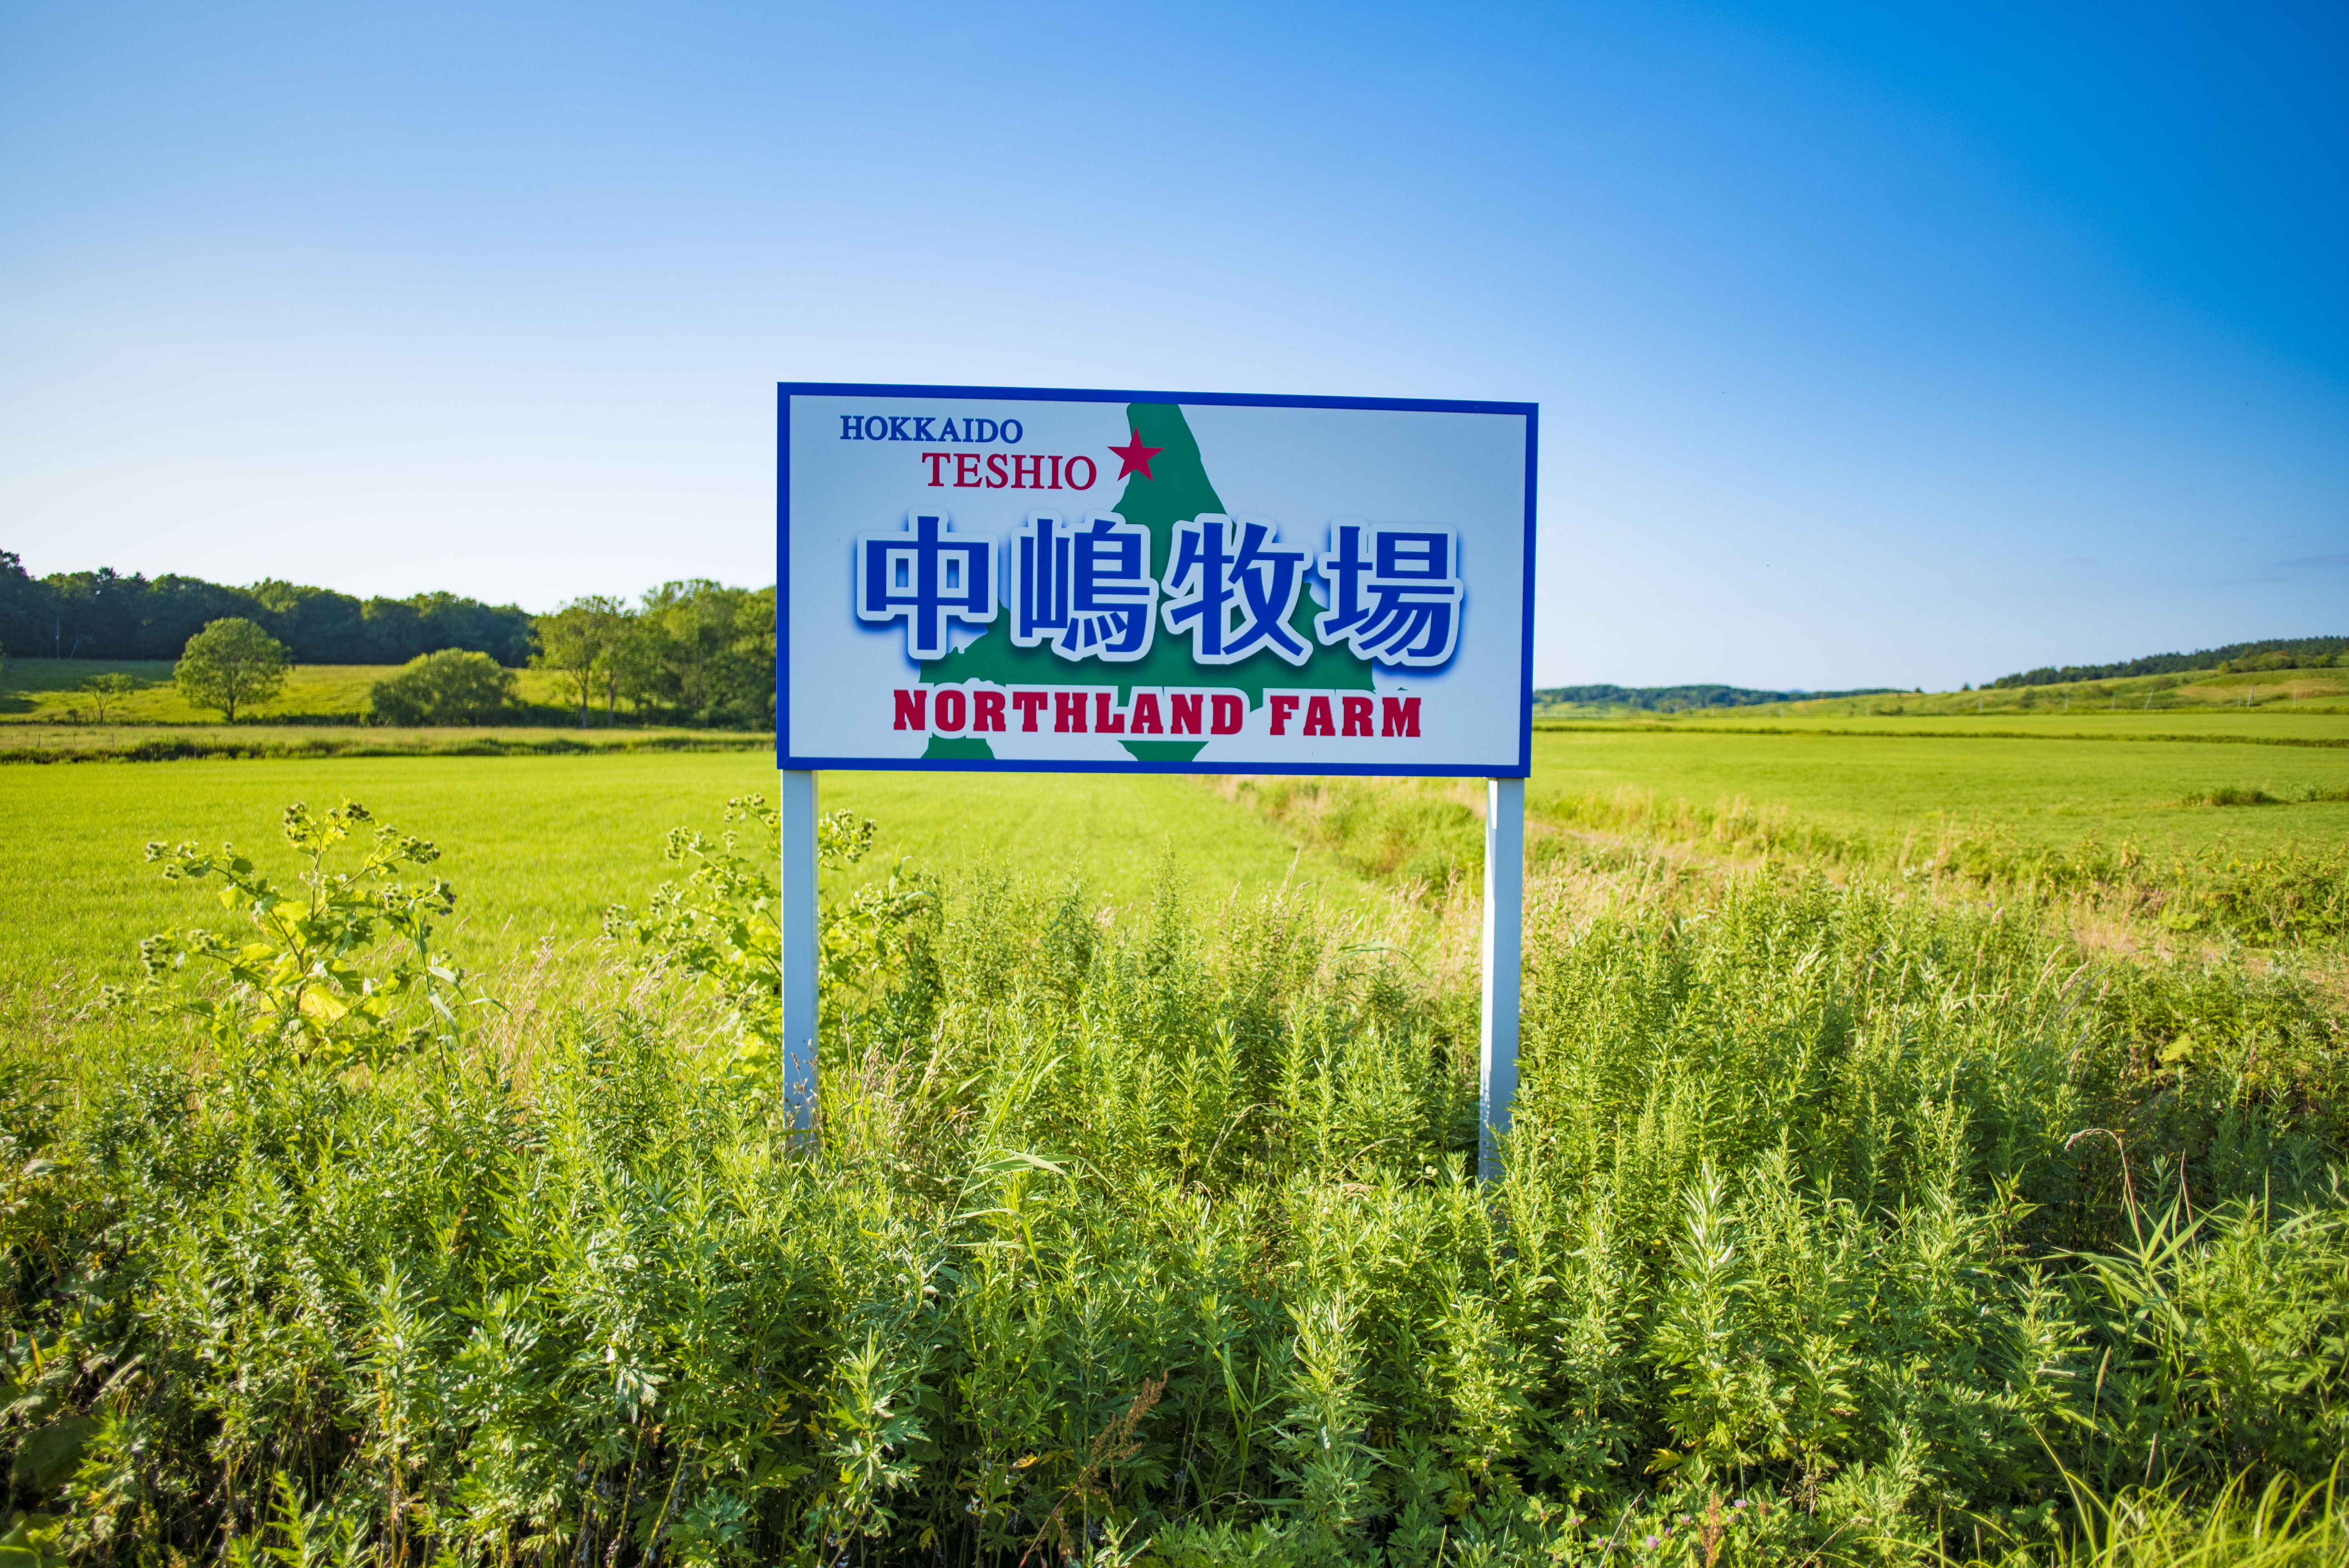 台湾人とお友達に|日本一周農家旅 中嶋牧場 in 北海道天塩